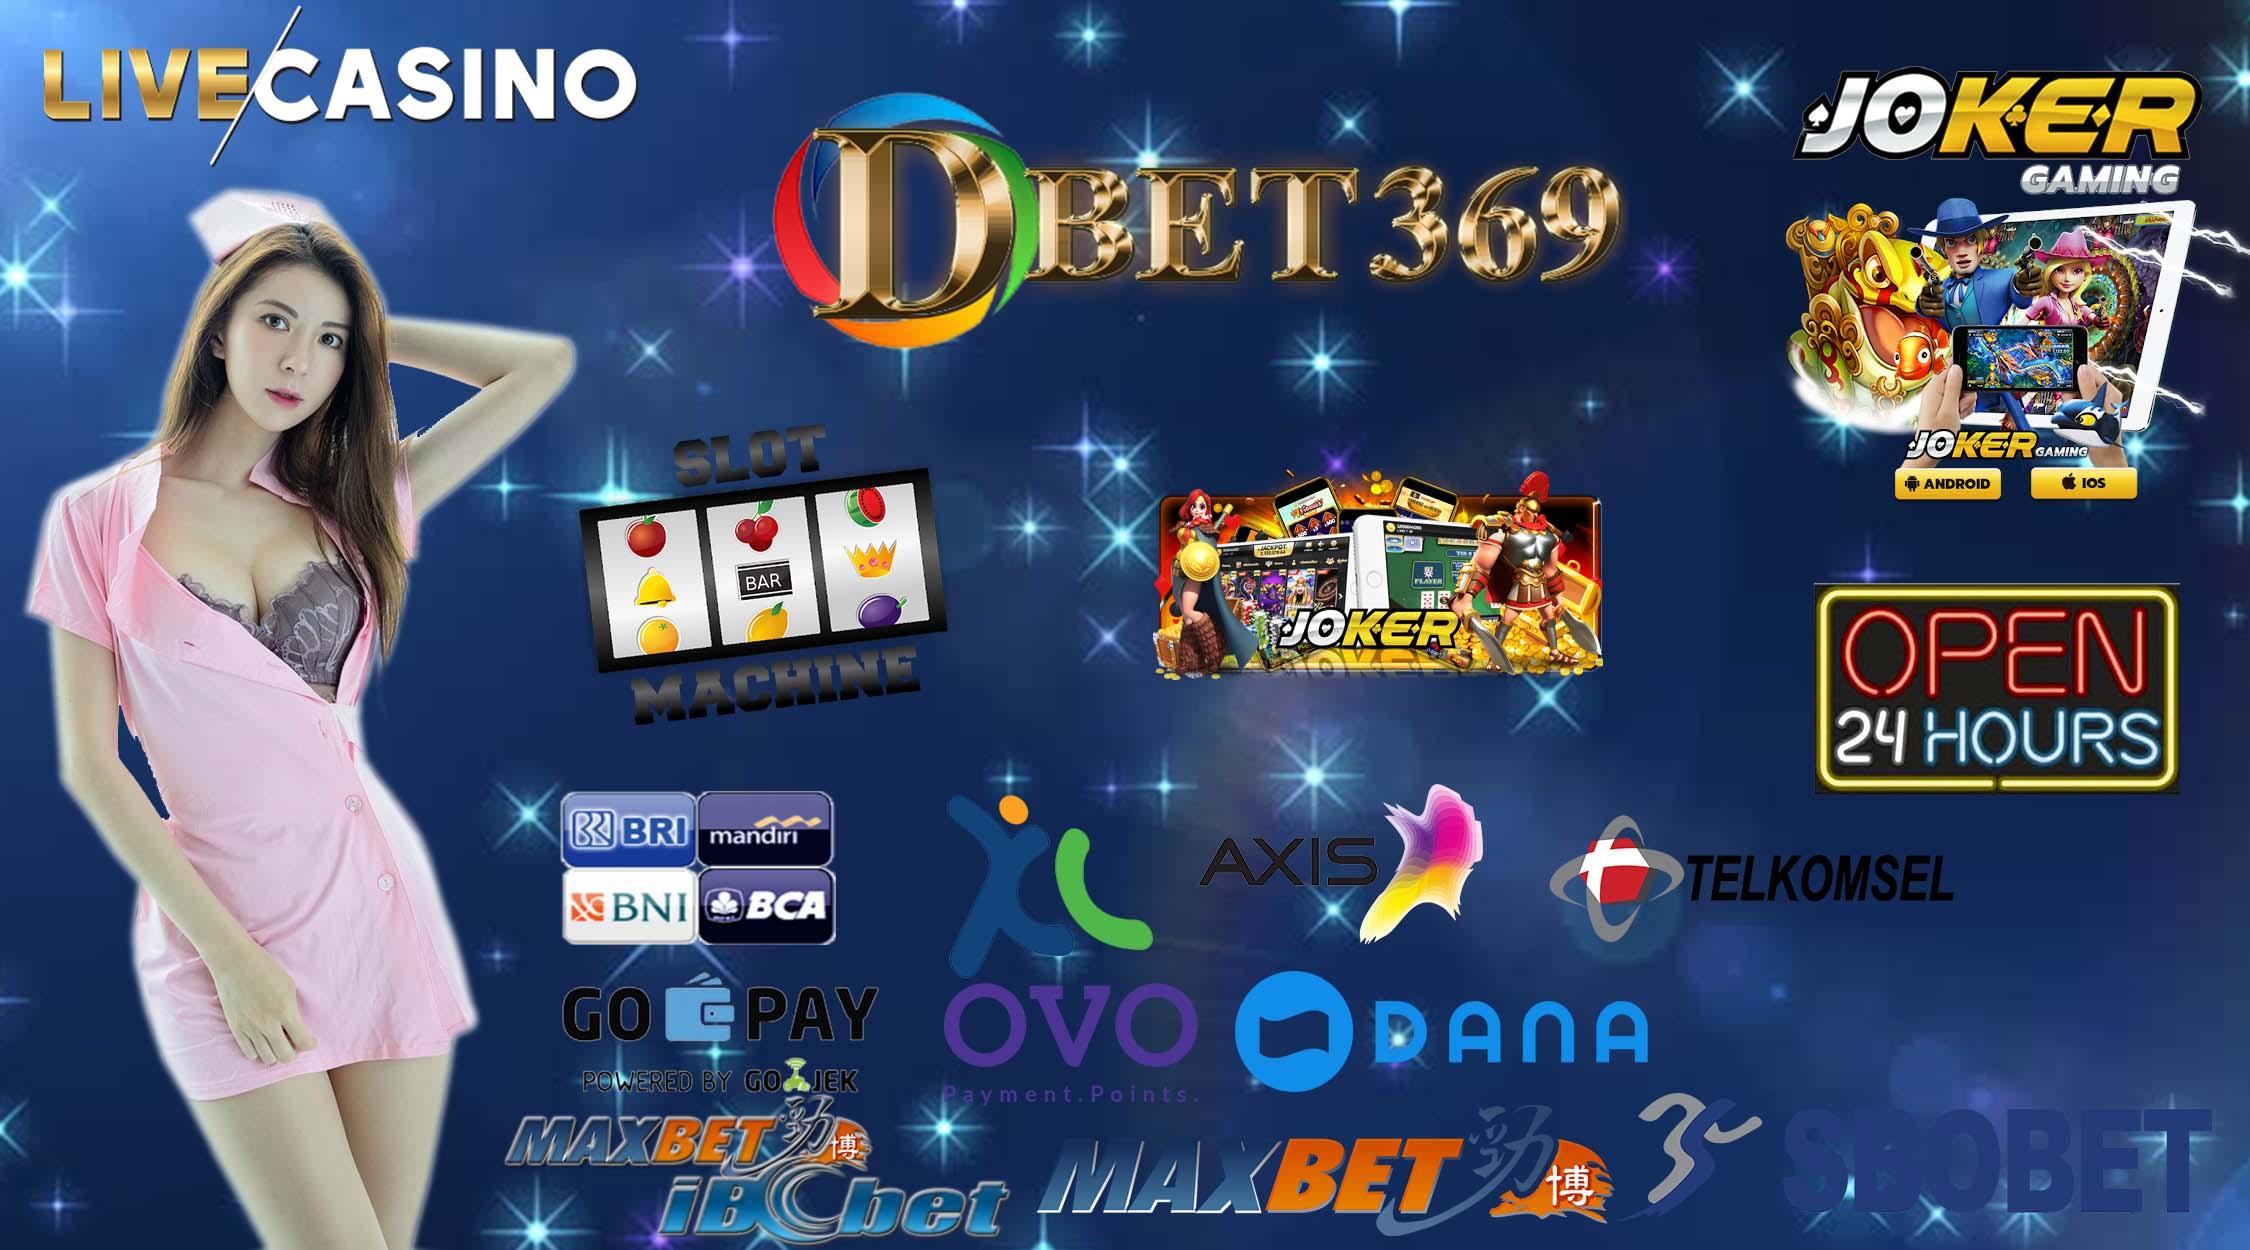 Situs Live Casino Online 24 Jam & Agen Bola Di Indonesia